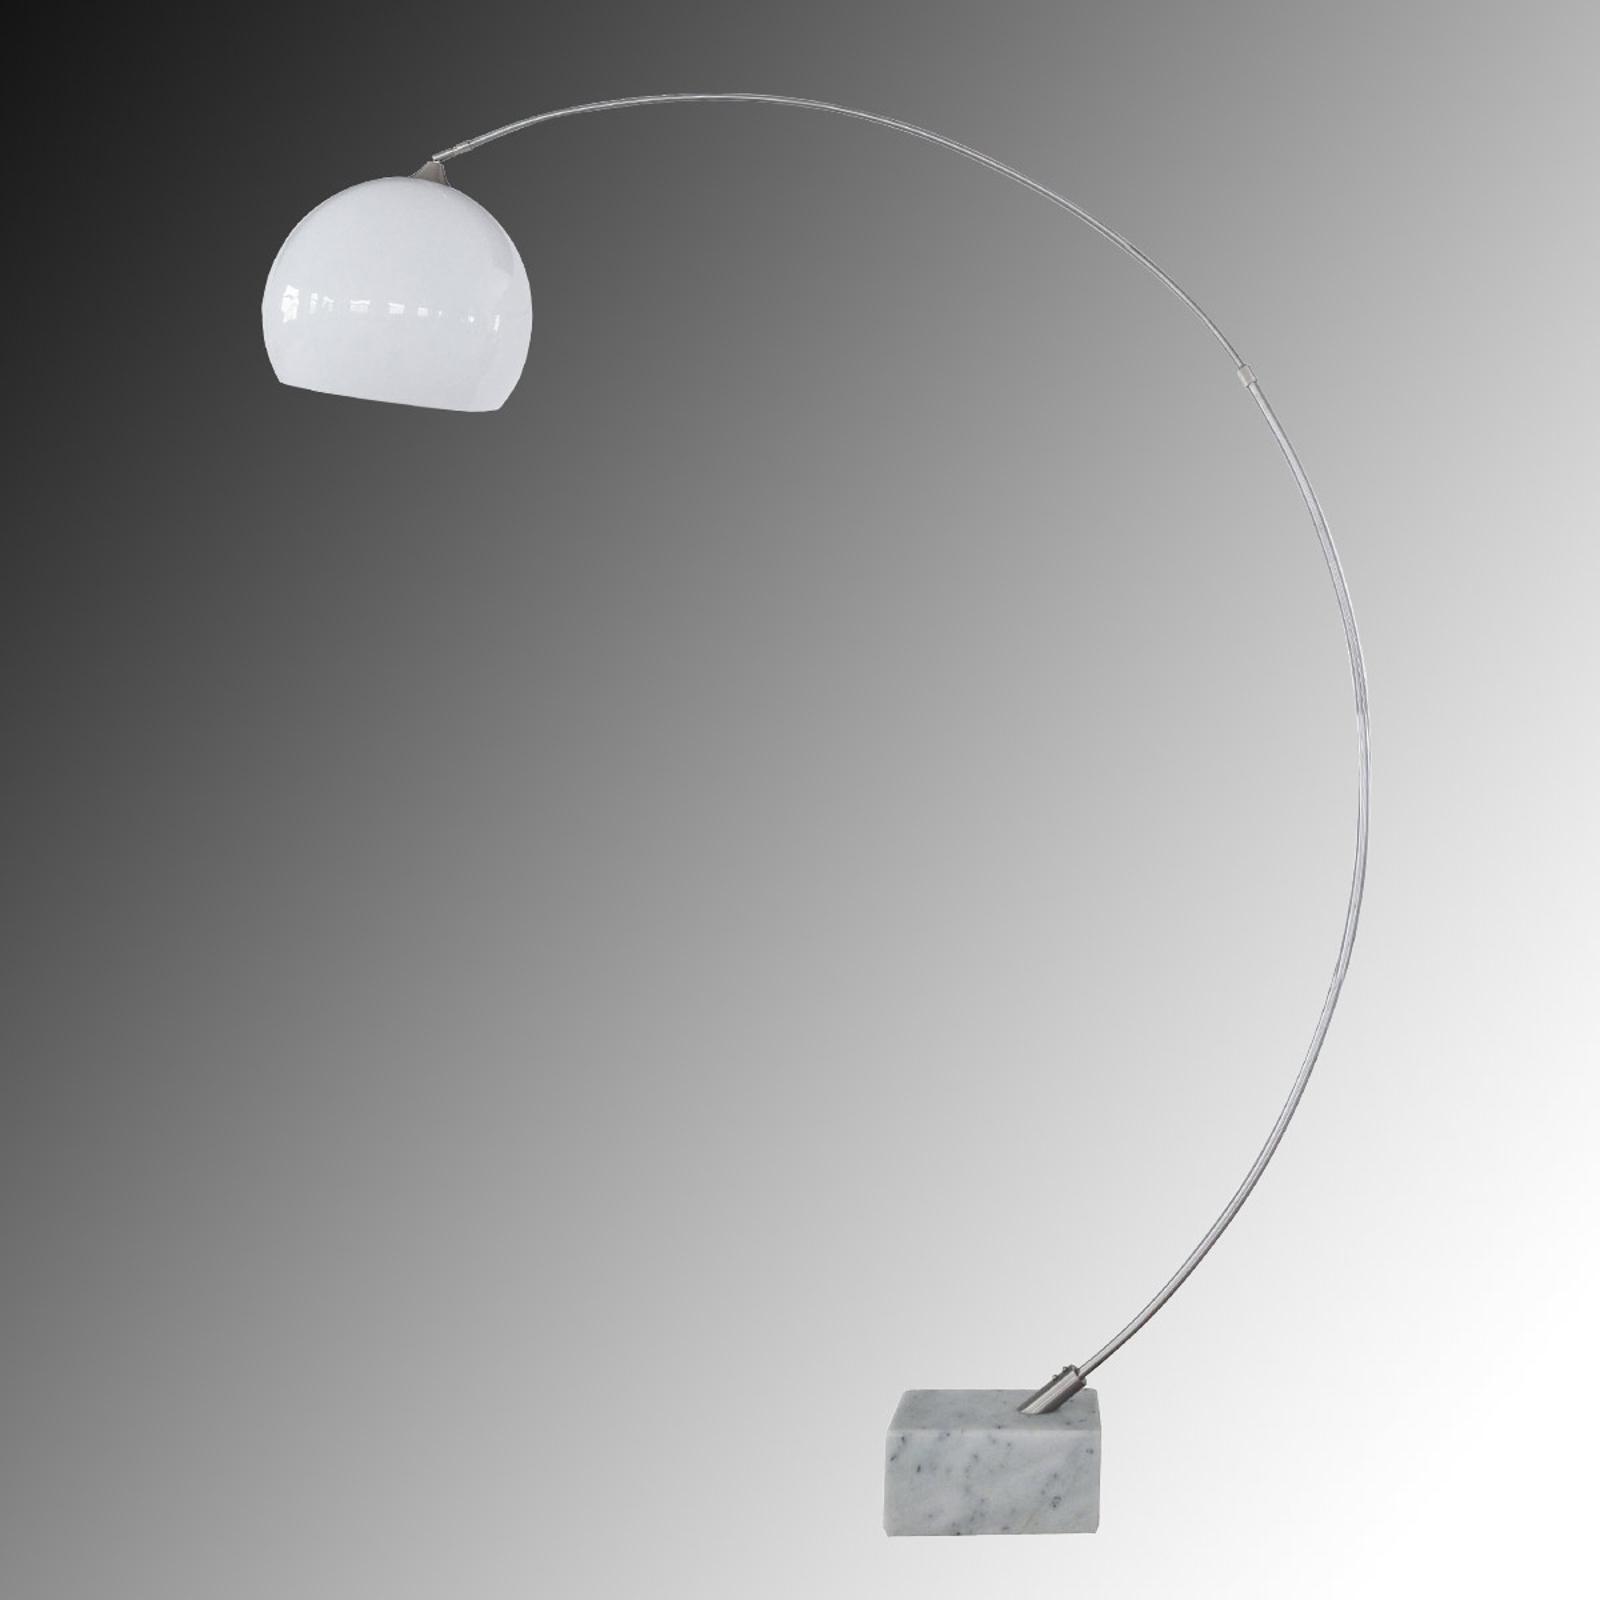 Edele booglamp Mani met snoerschakelaar